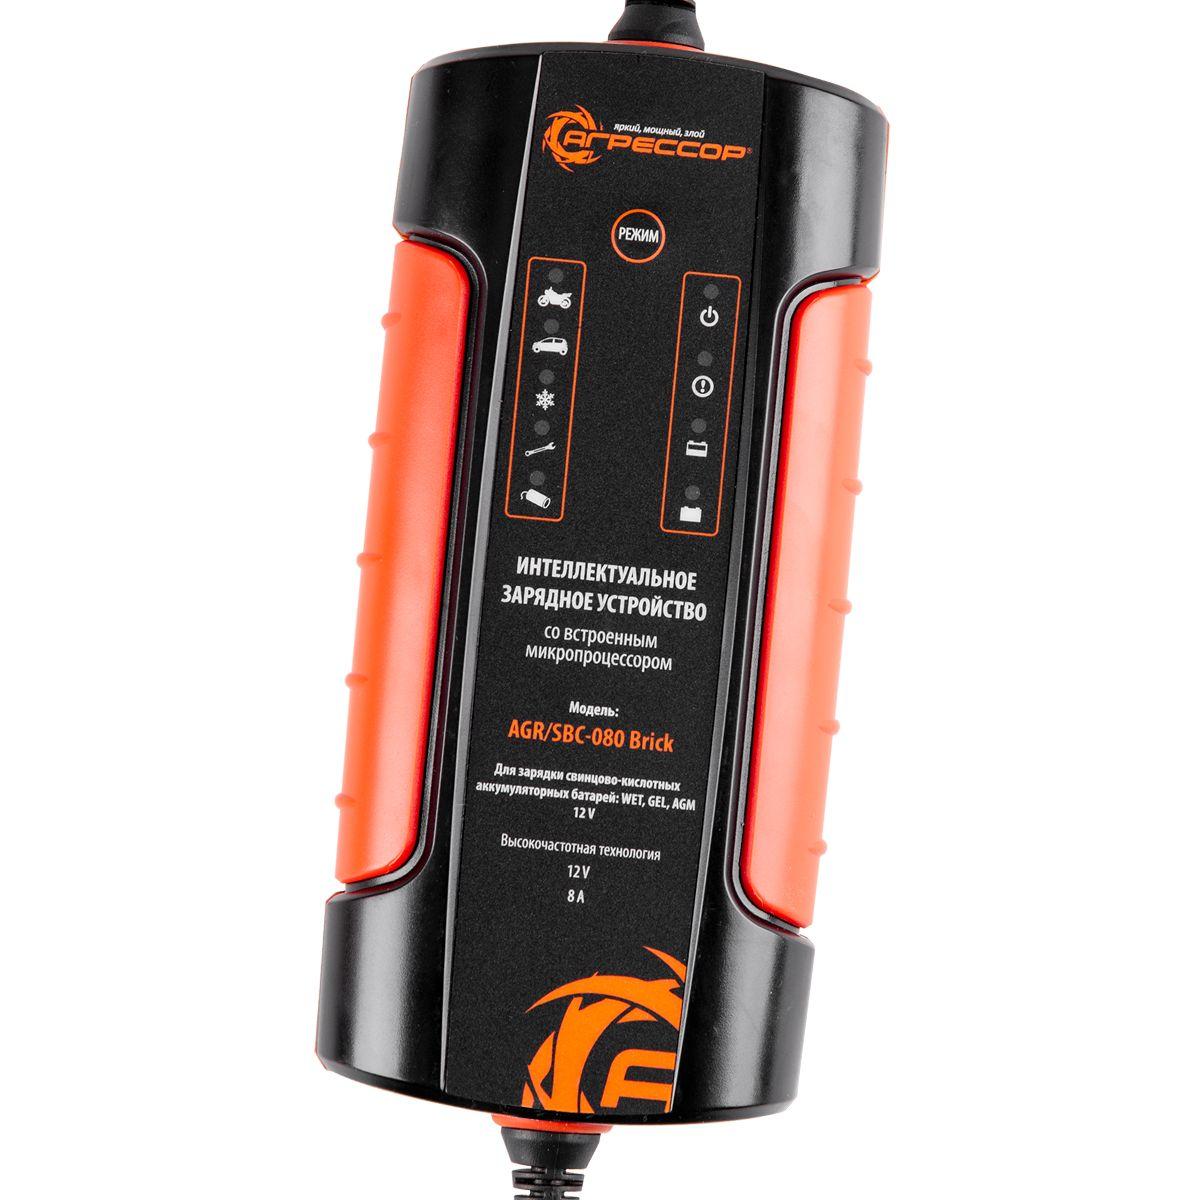 Устройство зарядное цифровое Autoprofi Агрессор, 9 фаз зарядки, ток зарядки 8 АR0003907Высокочастотное зарядное устройство Autoprofi Агрессор подходит для всех типов аккумуляторных батарей – встроенный микропроцессор позволяет установить для каждого типа свой режим. Компактное зарядное устройство имеет девять ступеней зарядки, за счет этого полностью разряженную батарею можно зарядить до 100% от первоначальной емкости. Кроме того, устройство автоматически очищает клеммы от сульфатов, которые остаются на них в процессе электролиза и заряжает потекшие батареи. Рабочие характеристики не снижаются при низких температурах. Устройство может сколь угодно долго оставаться подключенным к аккумулятору, поддерживая требуемый заряд. Оно снащено защитой от короткого замыкания и образования искр. Зарядное устройство имеет три вида контактных клемм: зажимы, разъем для подключения к прикуривателю и кольцо (петелька).Напряжение: AC 220-240В, 50-60 Гц.Номинальная сила тока: 0,65 А.Ток зарядки: 12В/2 А, 8 А.